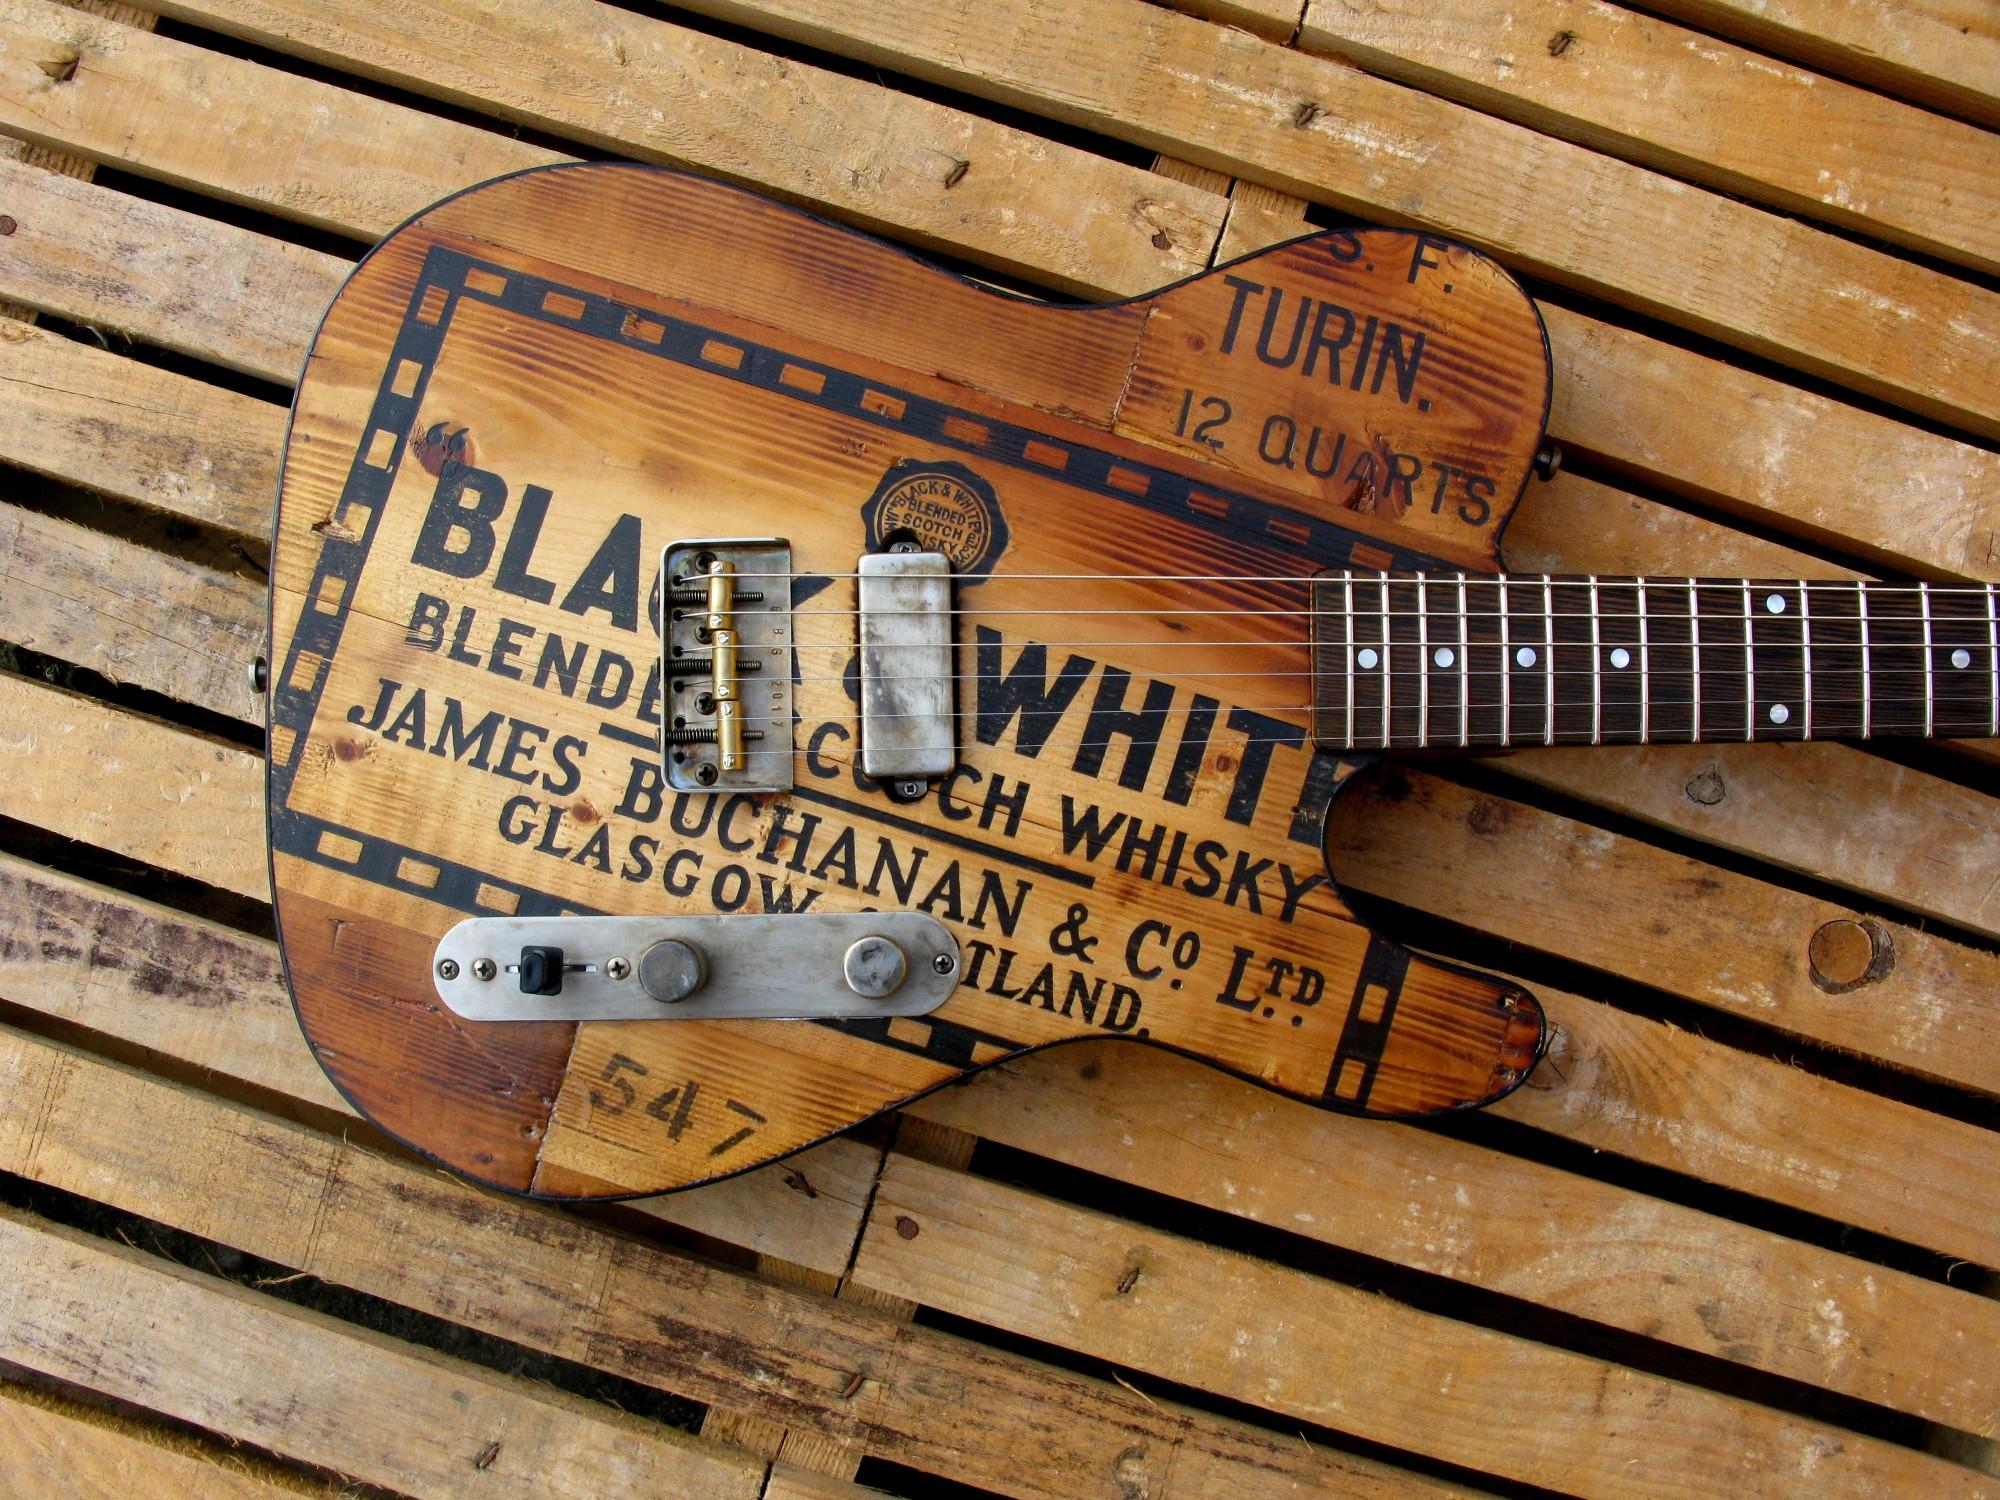 Body di una telecaster in pino con top riciclato da cassa di whisky